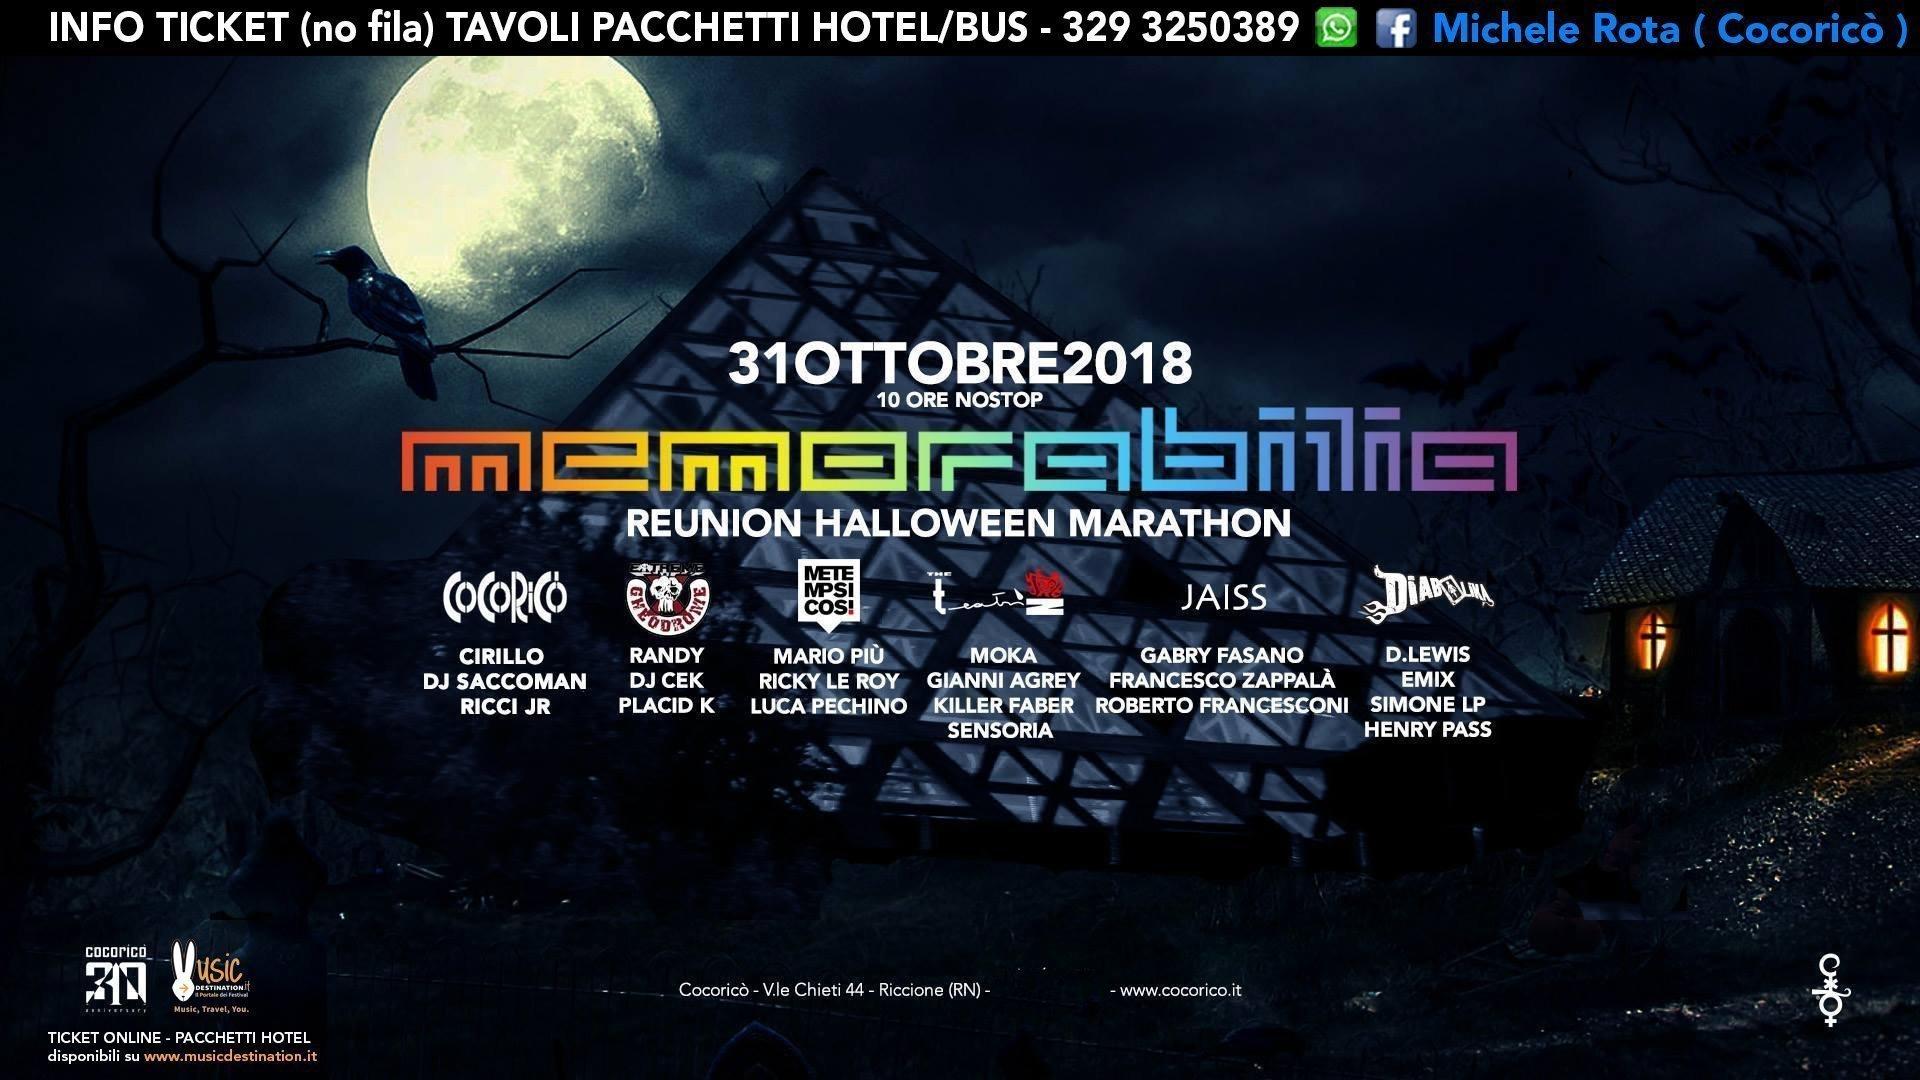 Memorabilia Cocorico Halloween 2018 Ticket Pacchetti Hotel